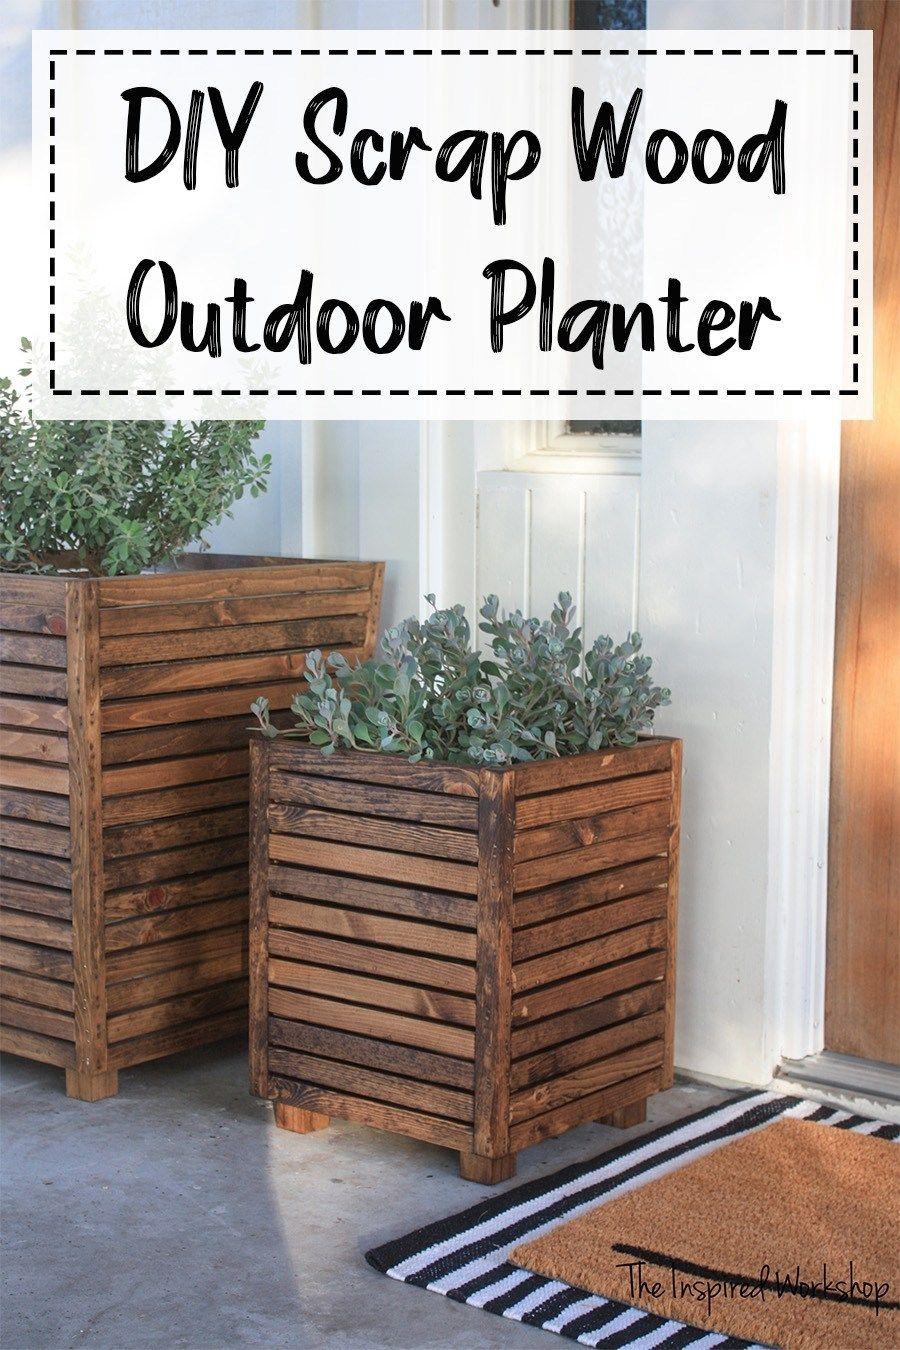 Diy Scrap Wood Outdoor Planter Diy Planters Outdoor Diy